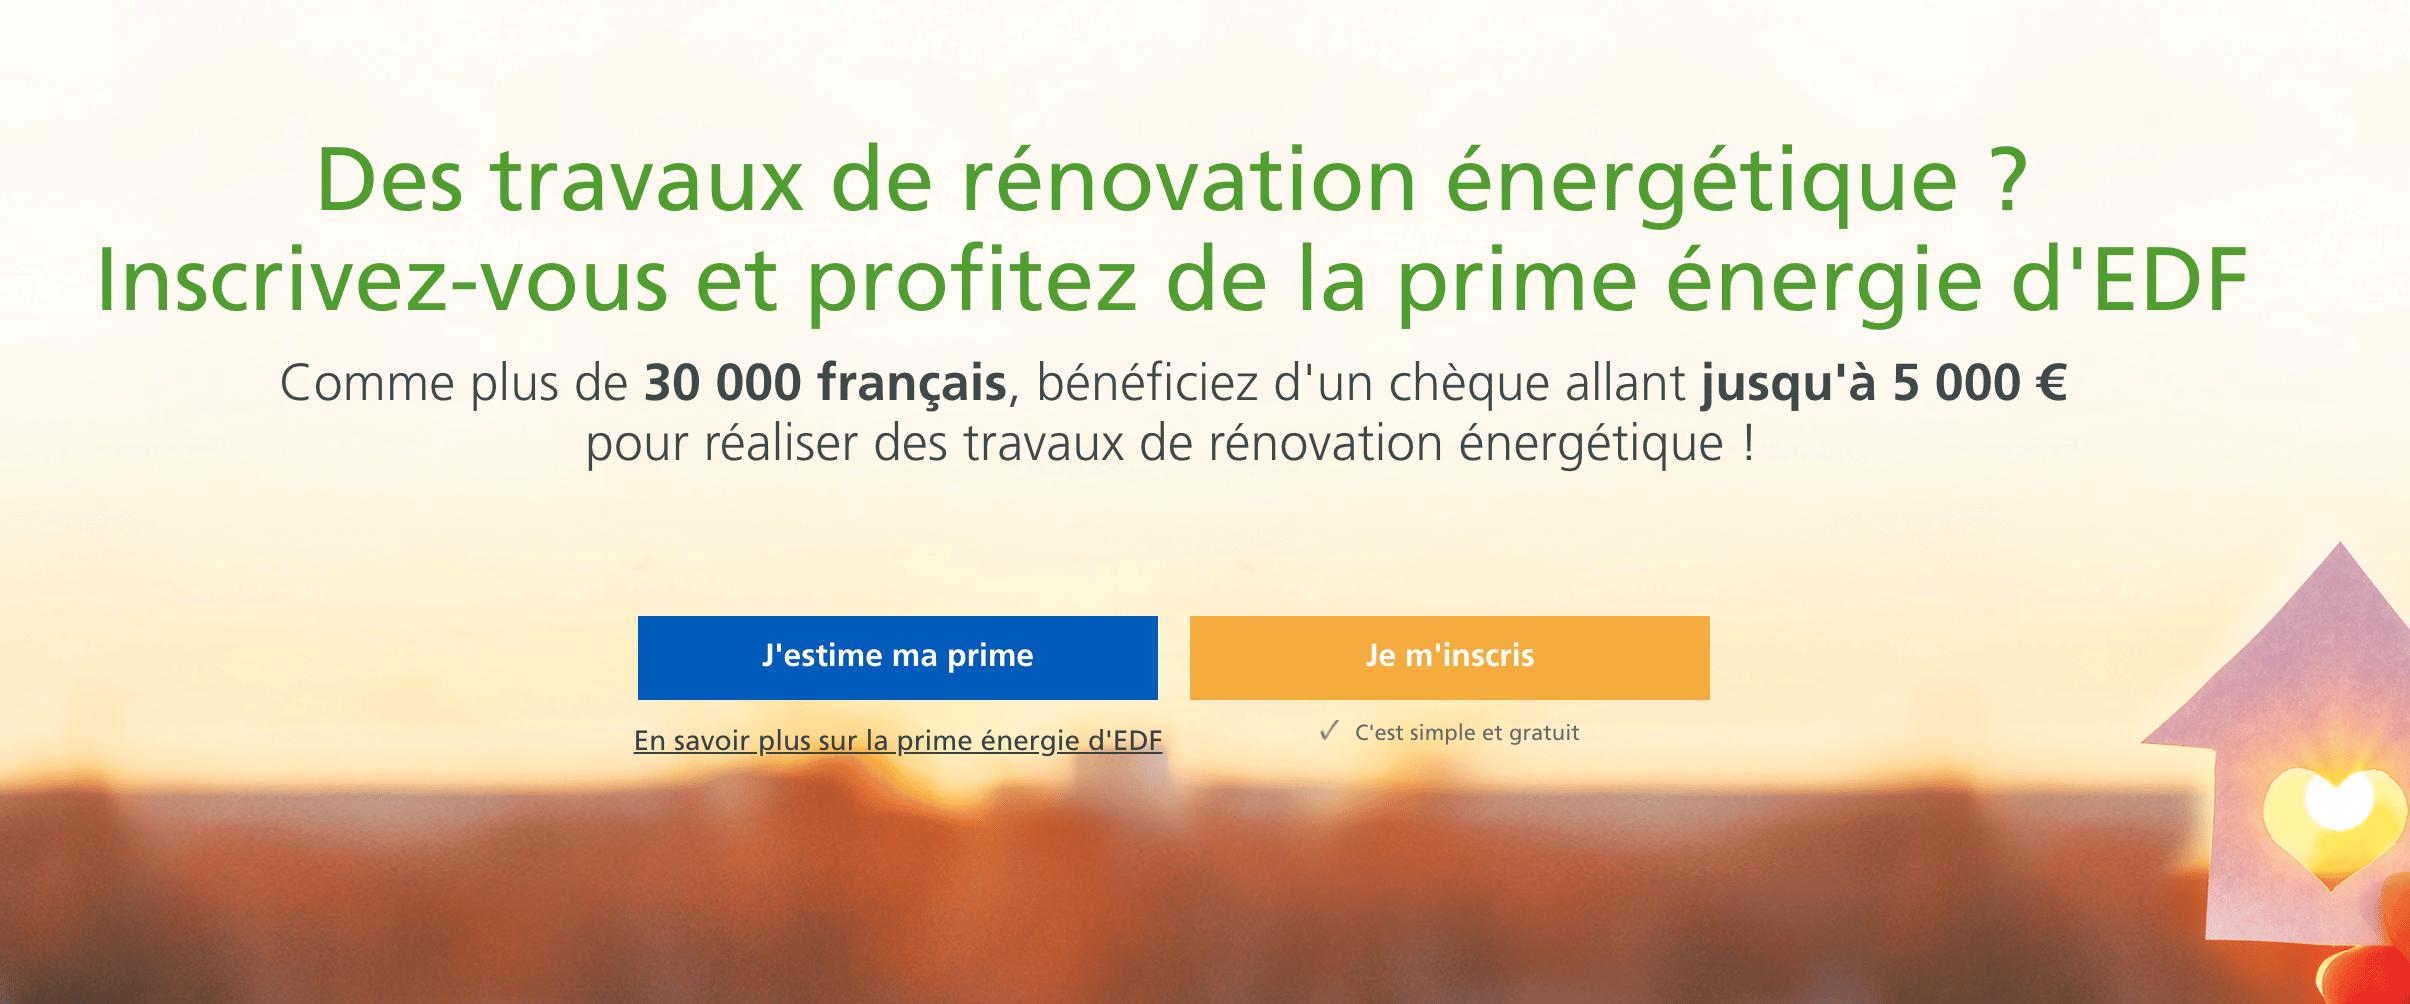 Prime travaux économies d'énergie avec EDF